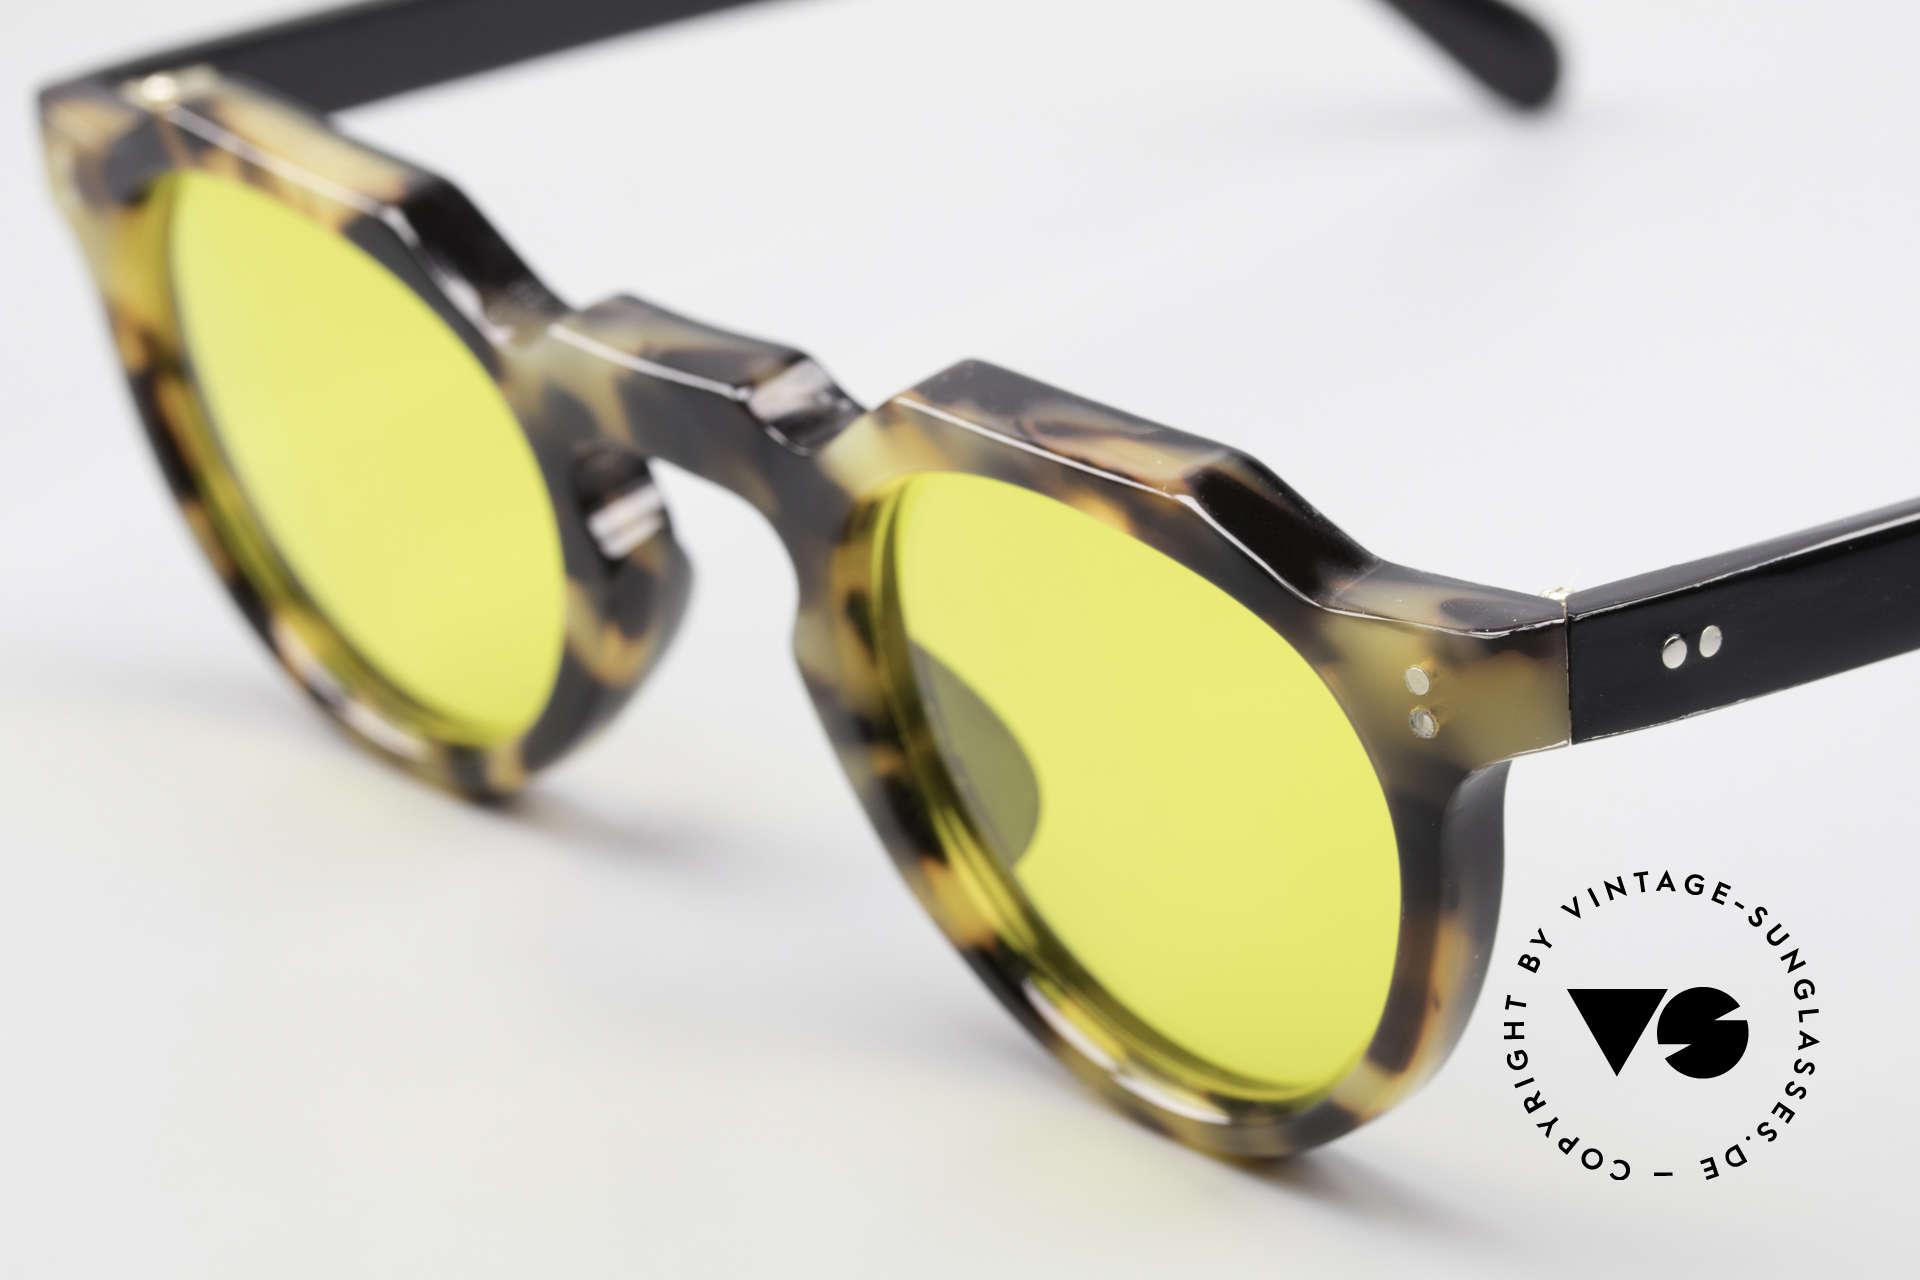 Lesca Panto 6mm 60er Panto Brille Frankreich, made in Frankreich, jedoch OHNE Rahmen-Aufdrucke, Passend für Herren und Damen